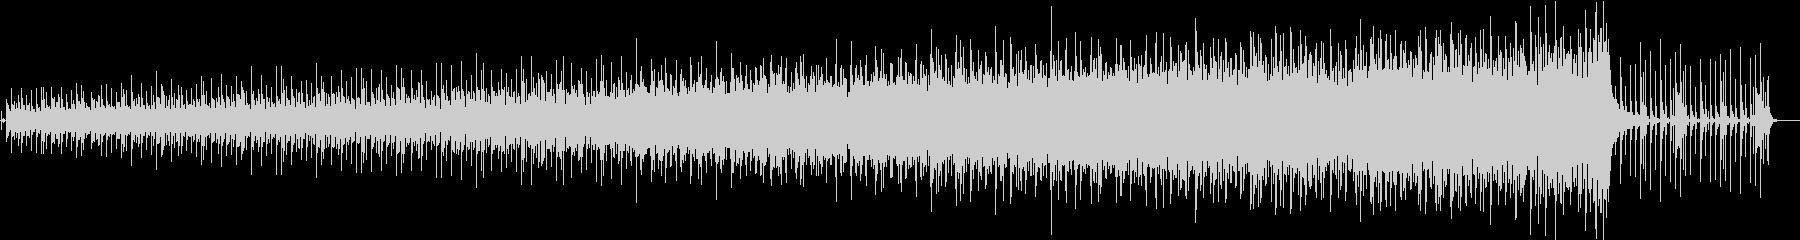 シンセベースの連打が印象的な16ビートの未再生の波形